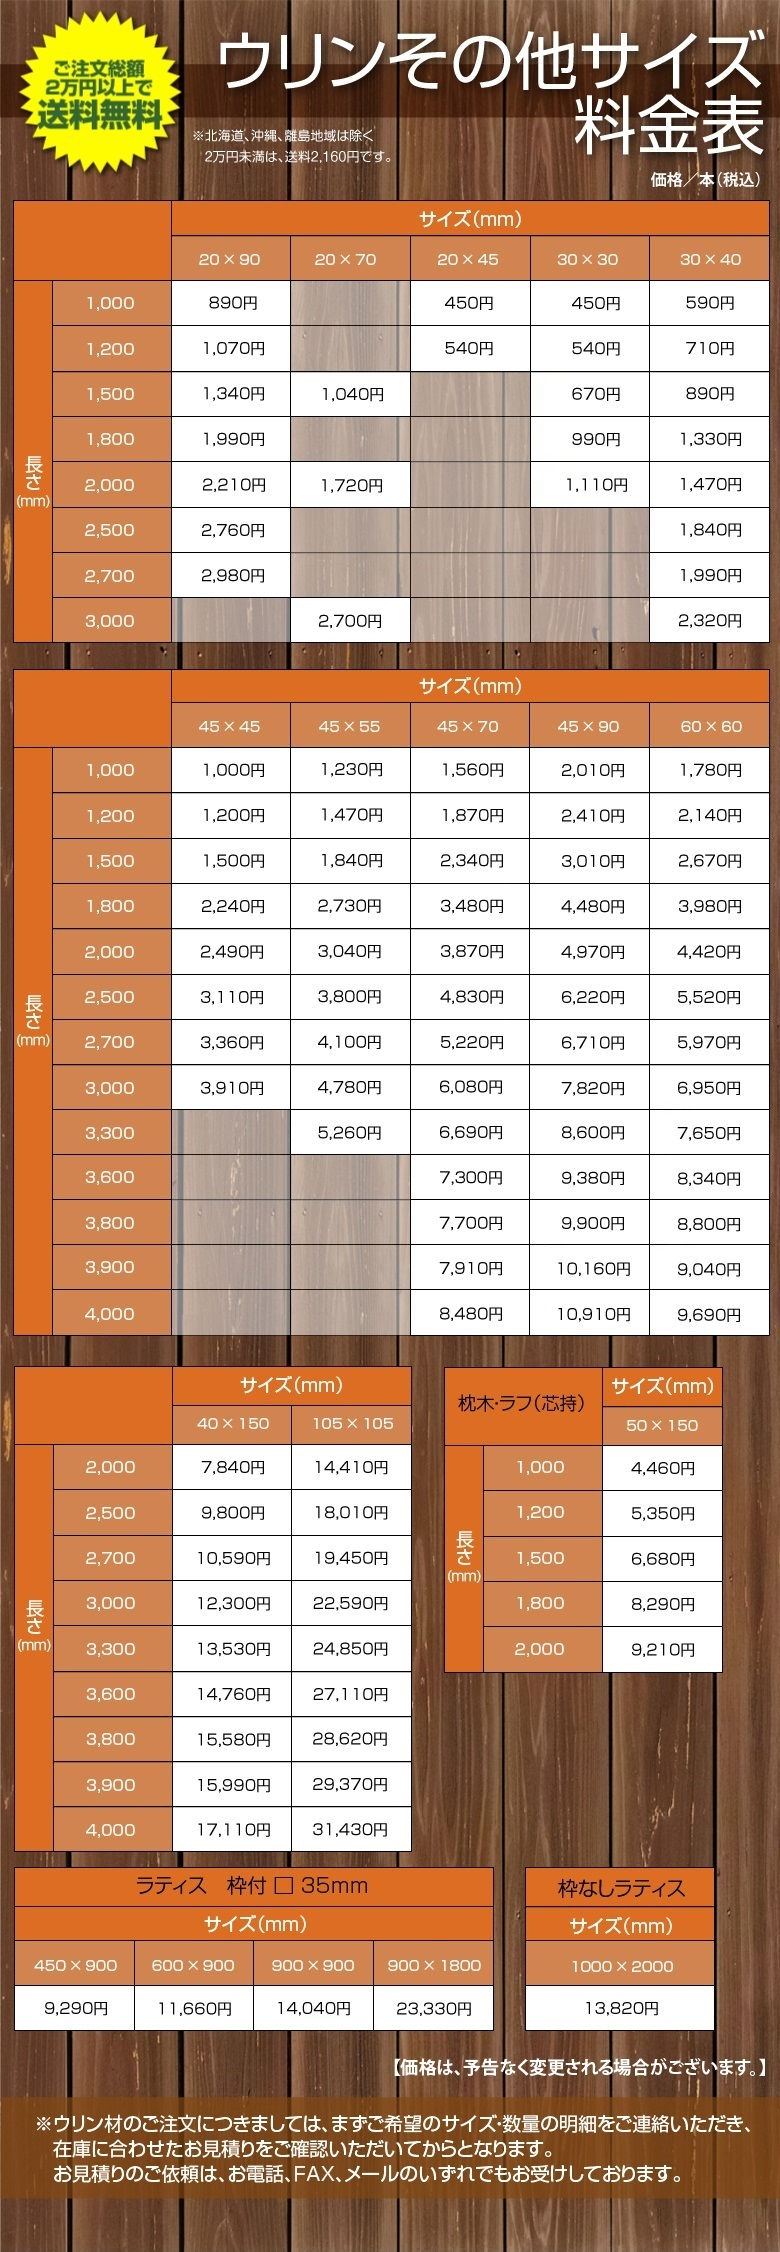 ウリン料金表